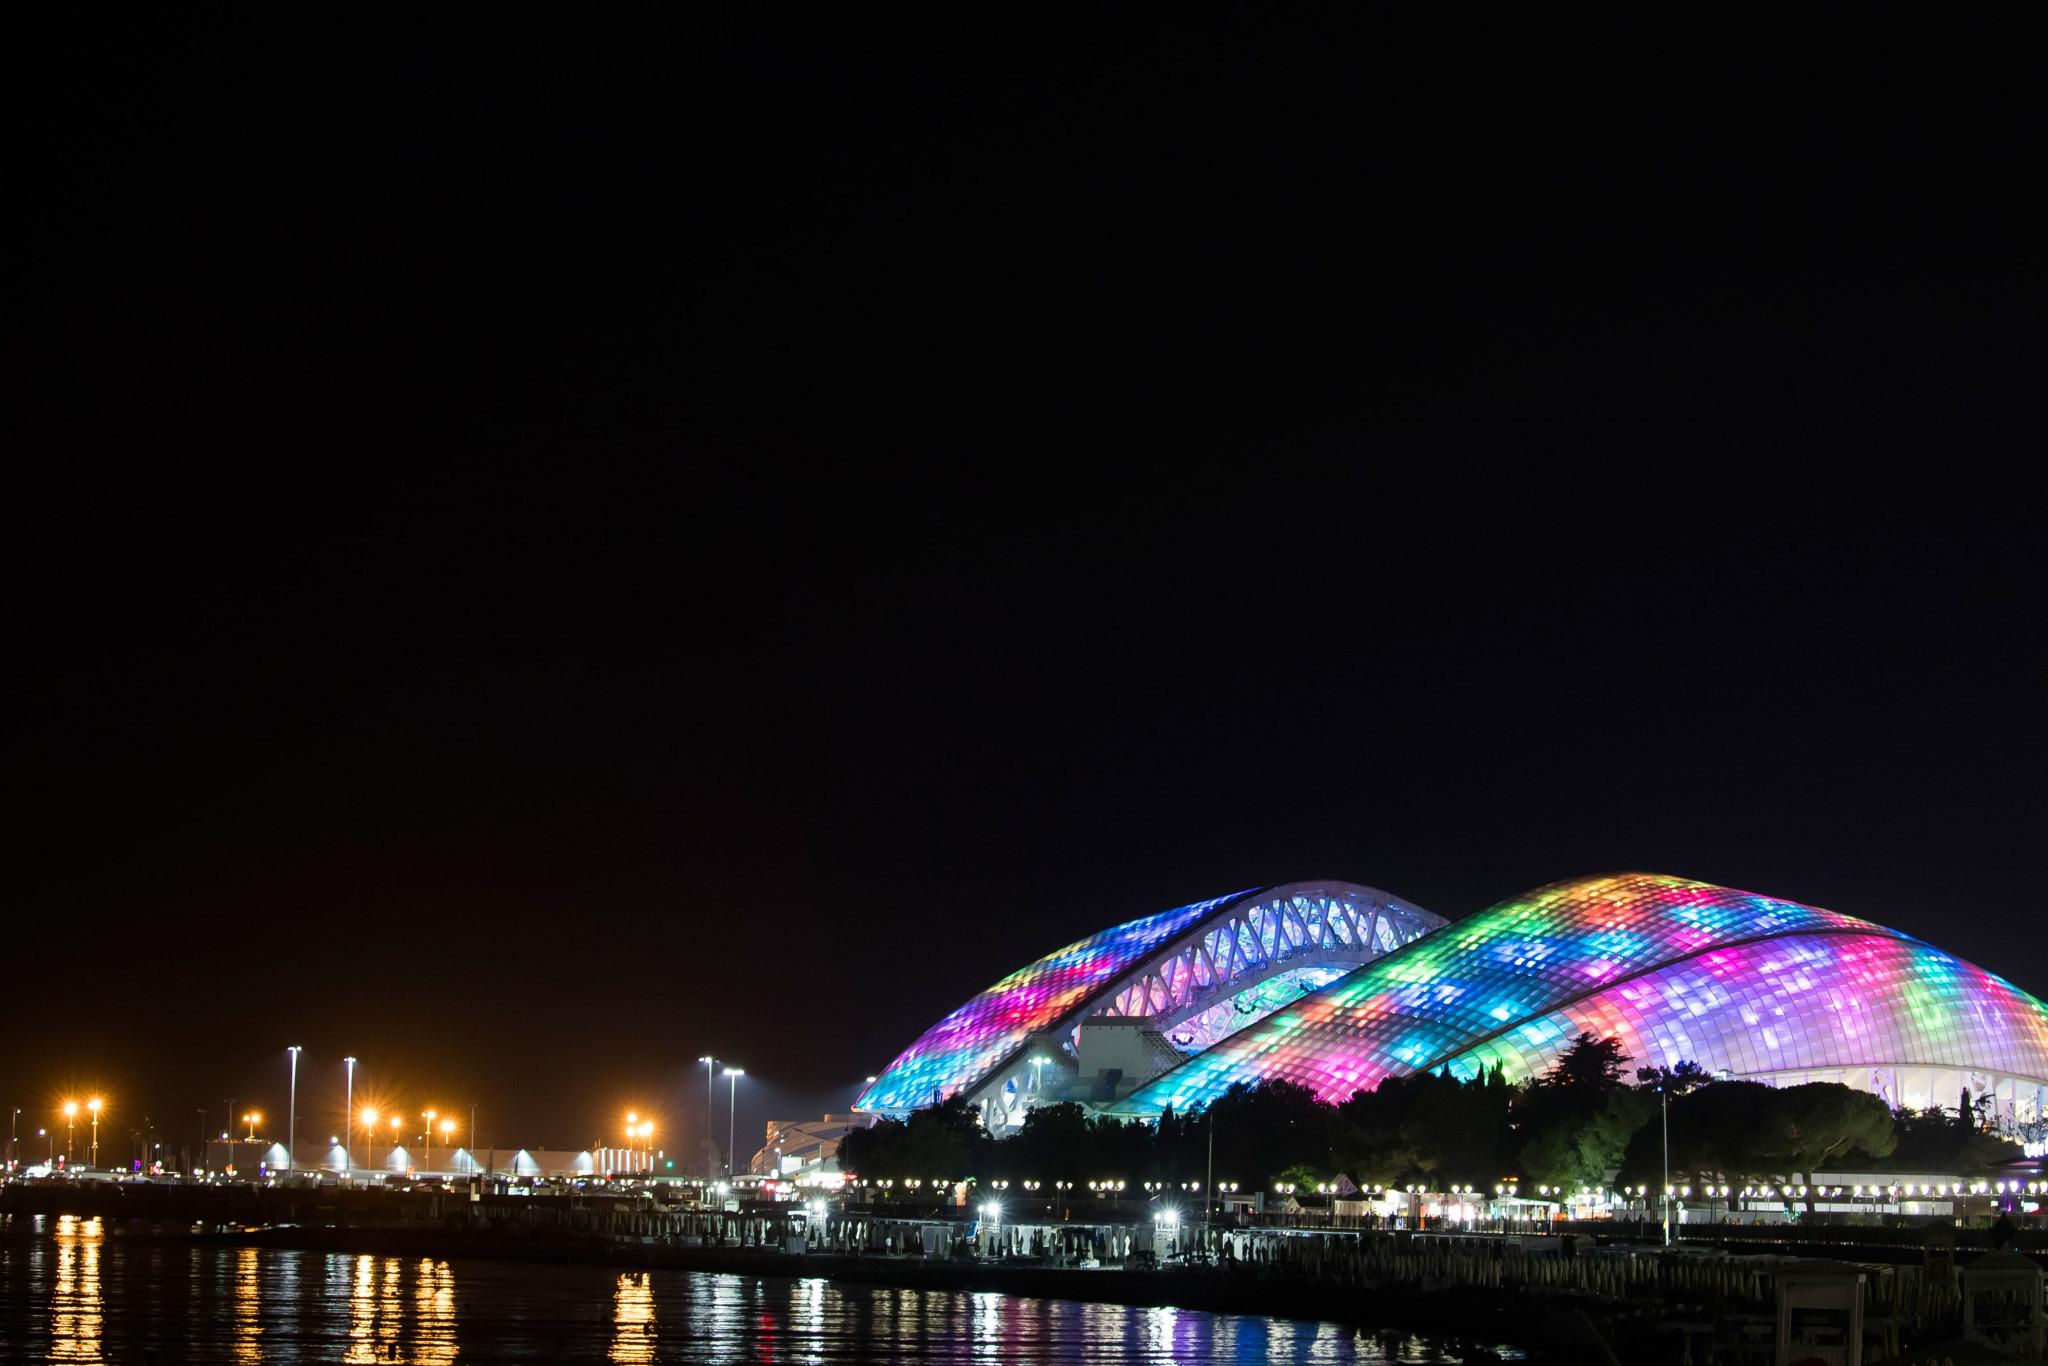 РМОУ находится в Сочи, где проходили Зимние Олимпийские игры 2014 года © Getty Images